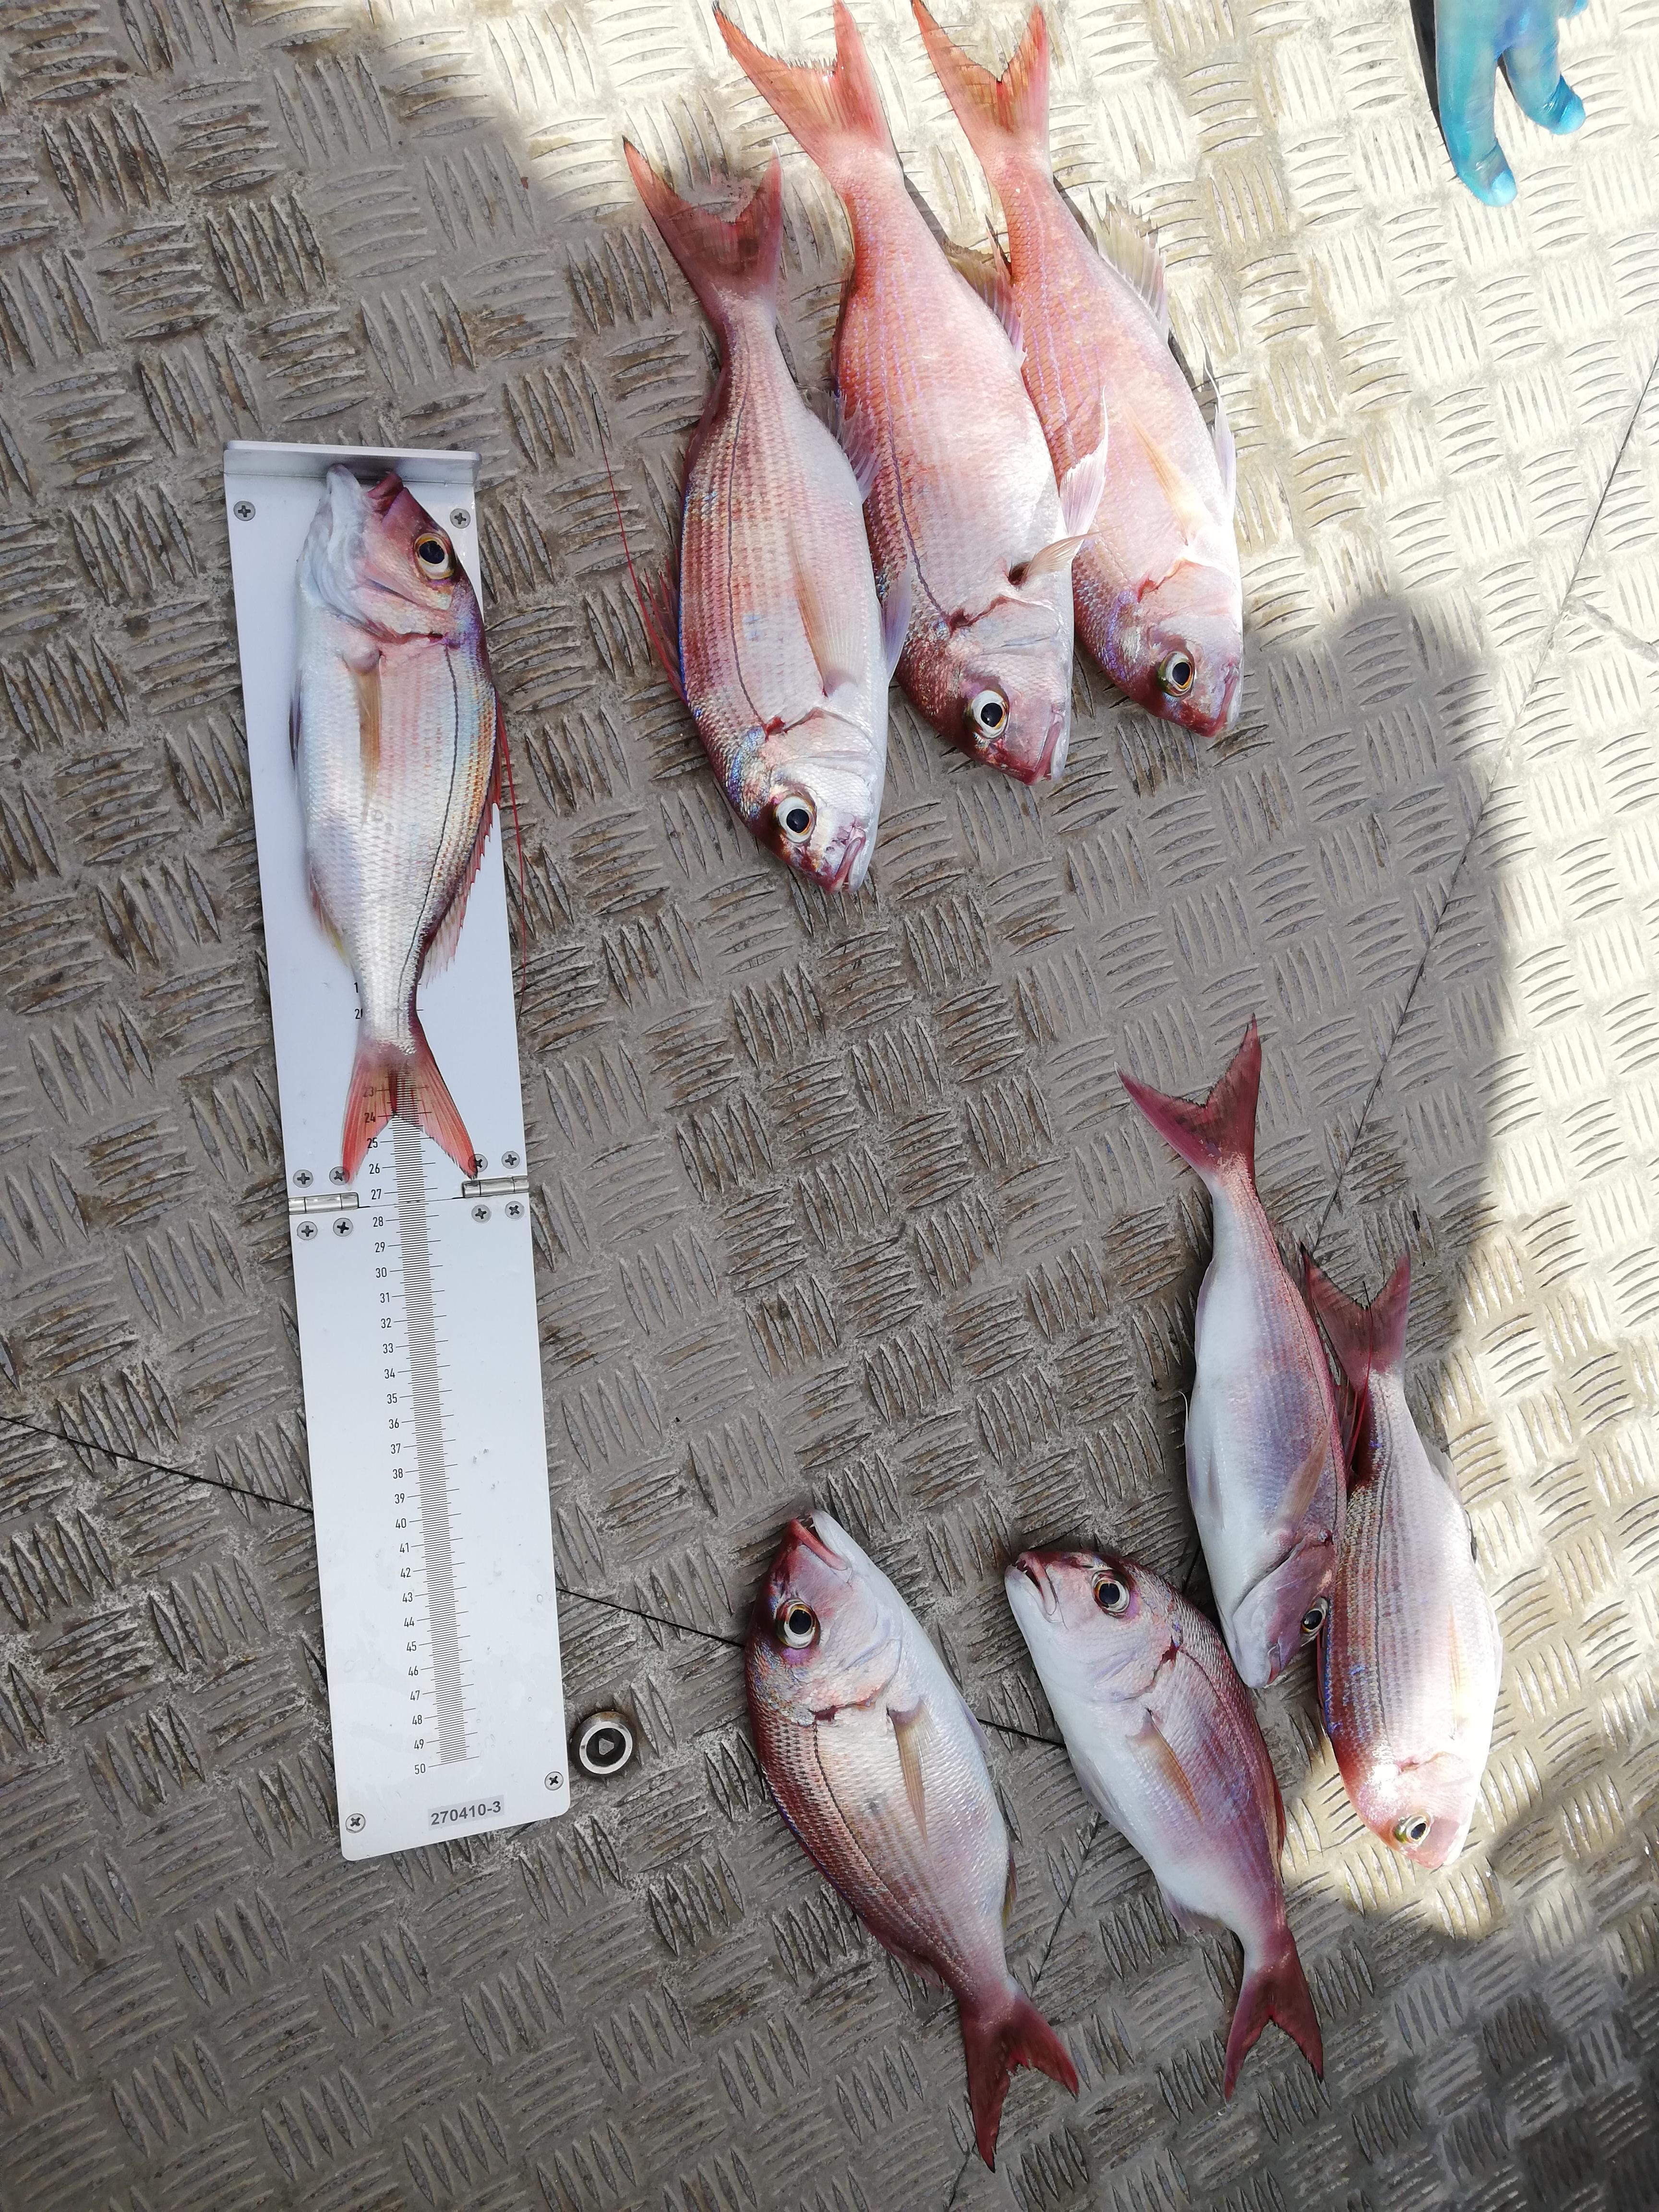 Pescado incautado por la Inspección Pesquera / CanariasNoticias.es